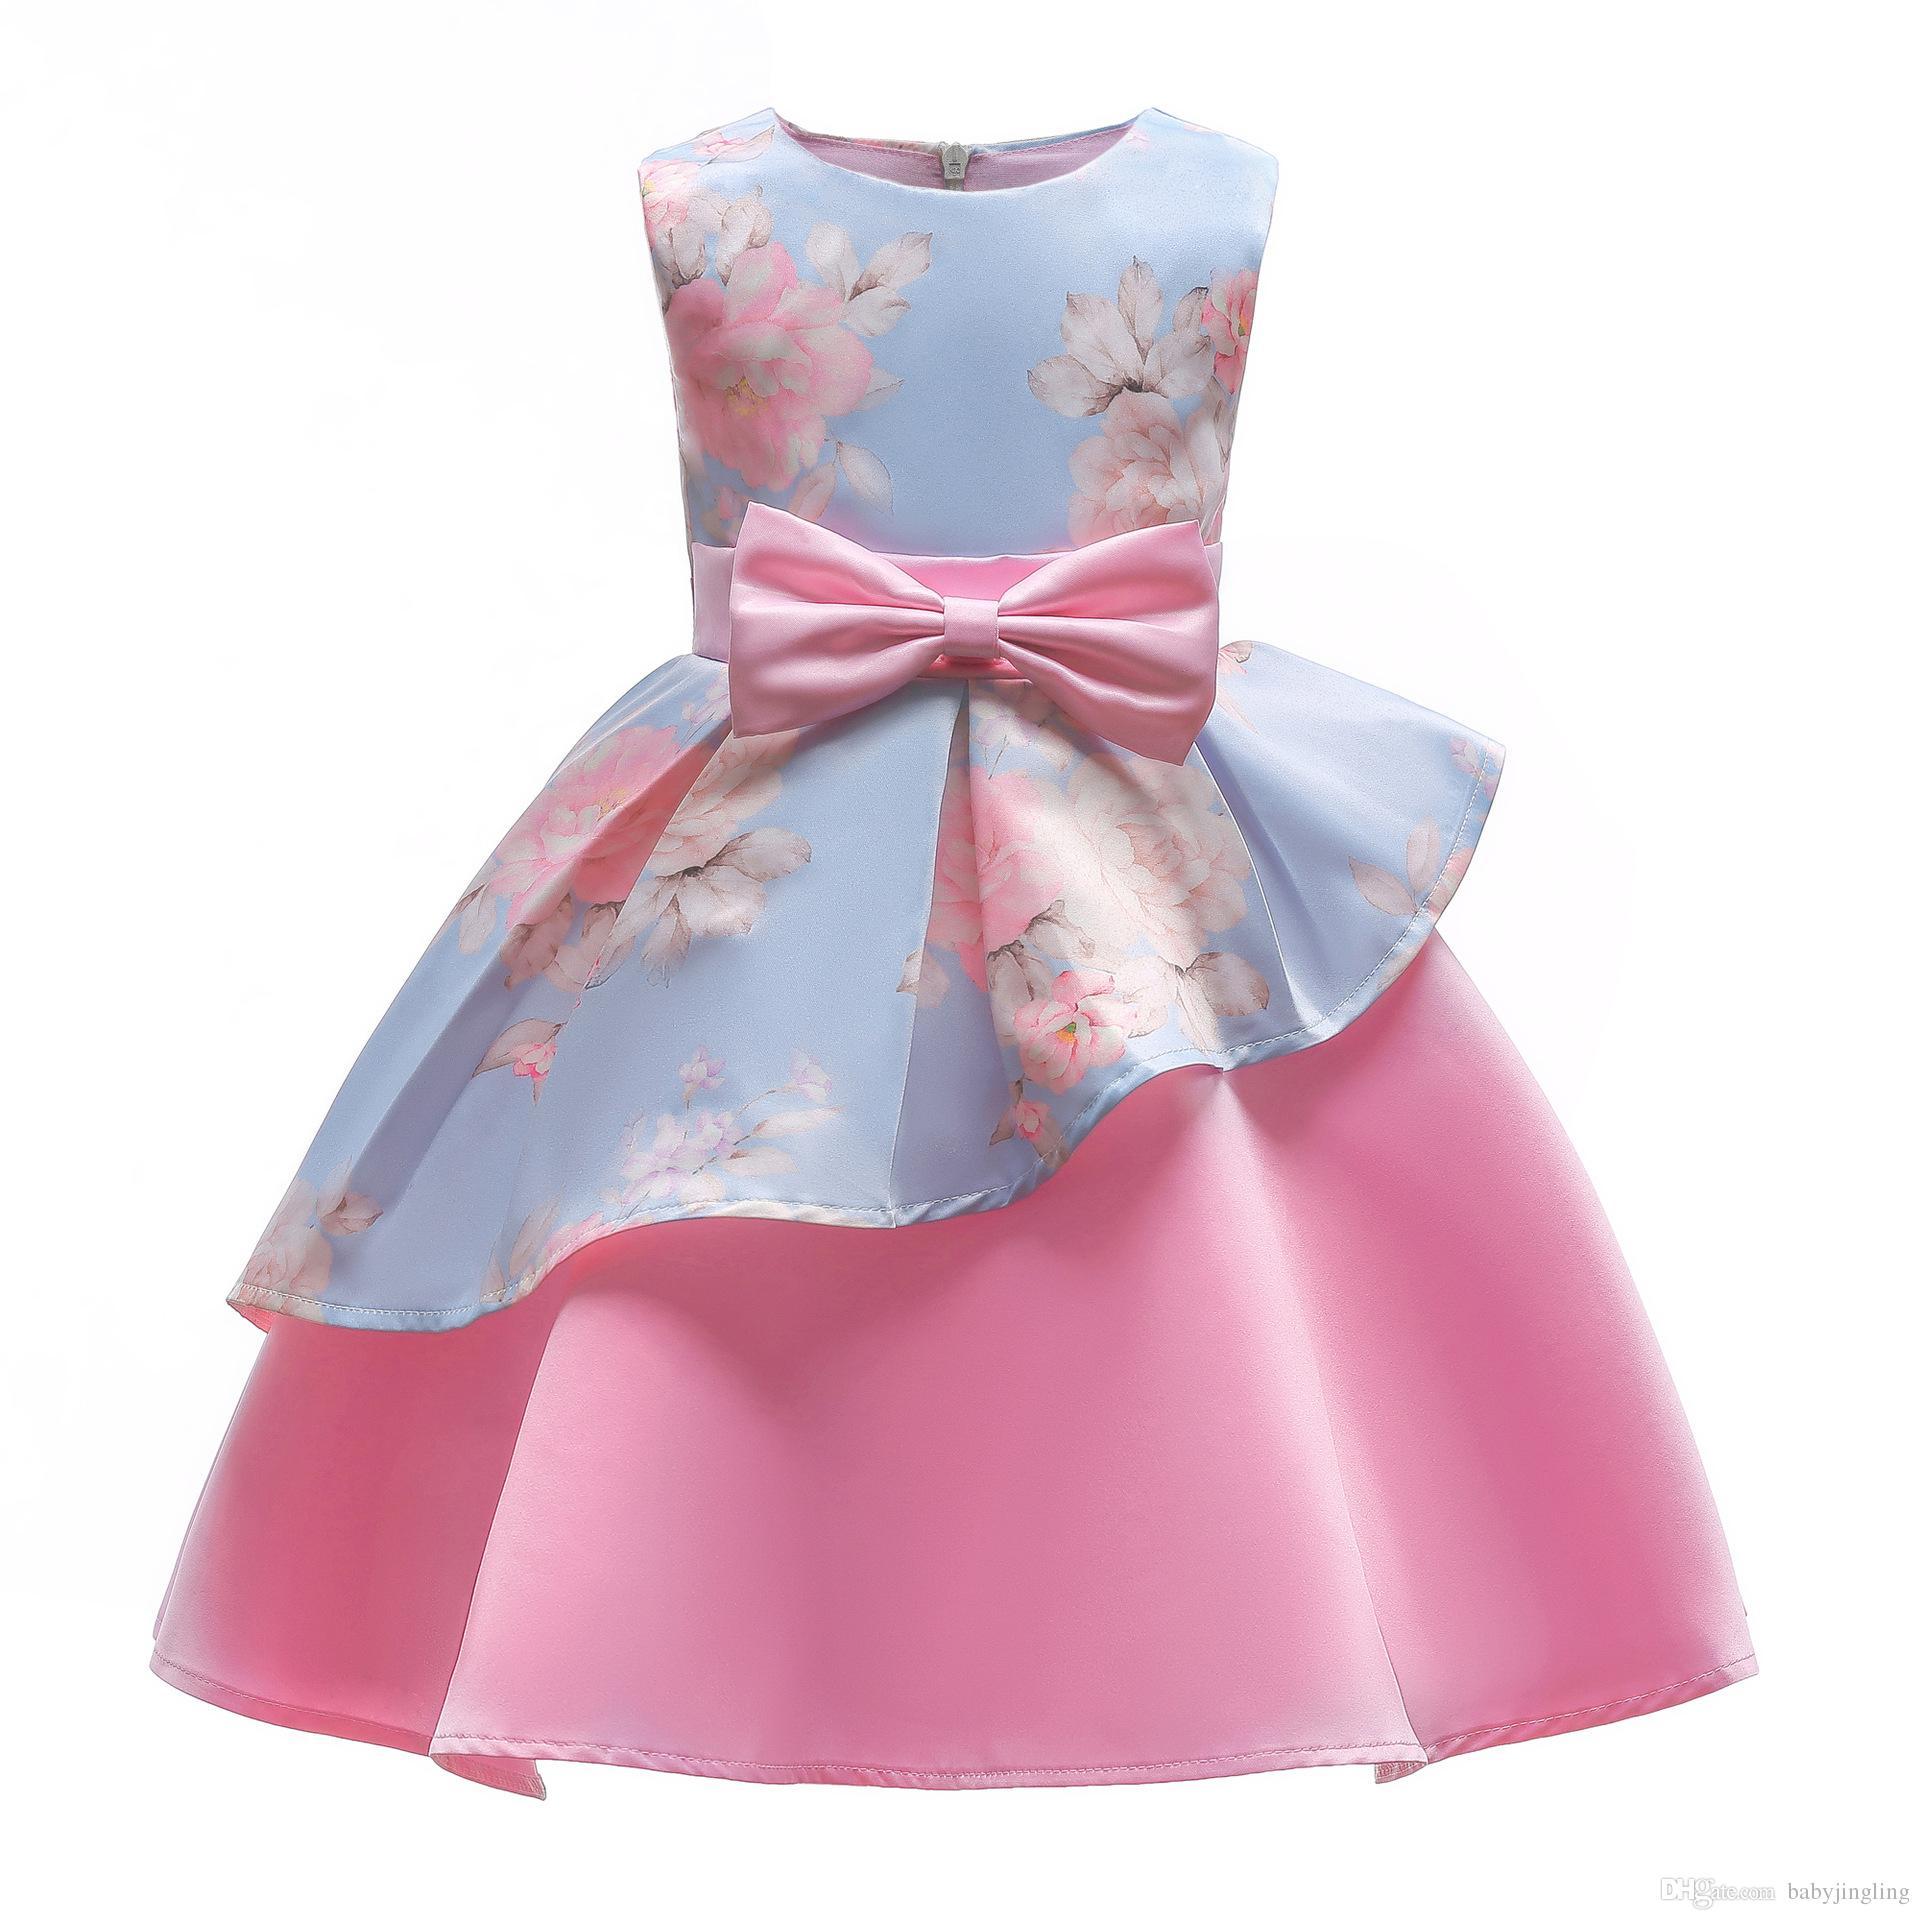 ... Nuovo Vestito Da Principessa Delle Ragazze Eleganti Vestiti Da Partito Dei  Bambini Le Ragazze Vestito Da Cerimonia Nuziale Bambini Vestito Da Natale  Le ... b0064ecf5cc